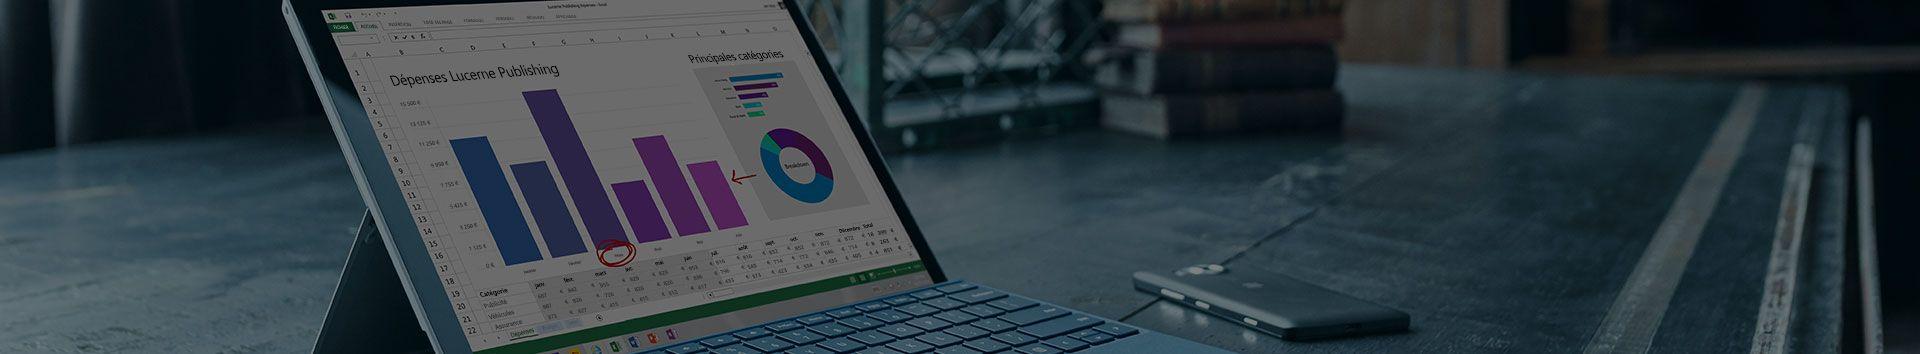 Une tablette Microsoft Surface avec une note de frais dans Microsoft Excel